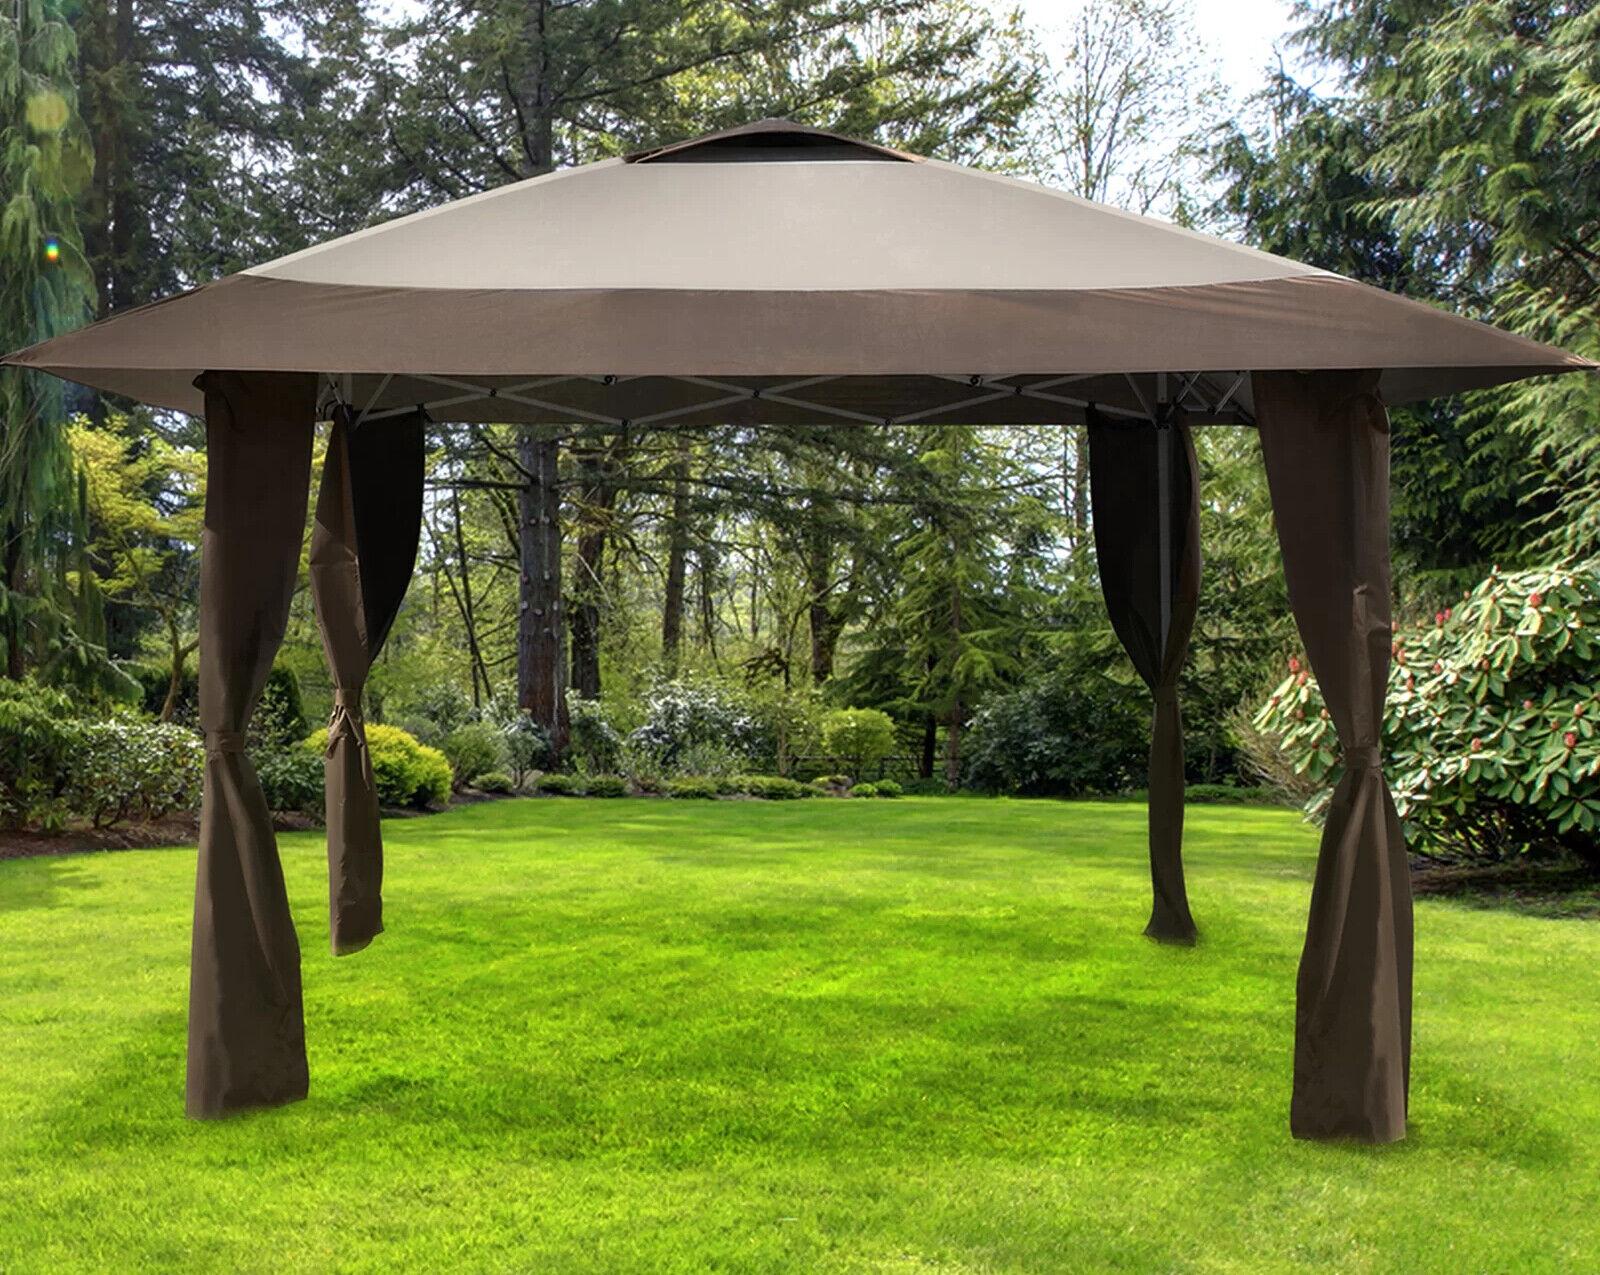 Portable Gazebo Steel Frame 13 x 13 Garden Shade Tent Vented